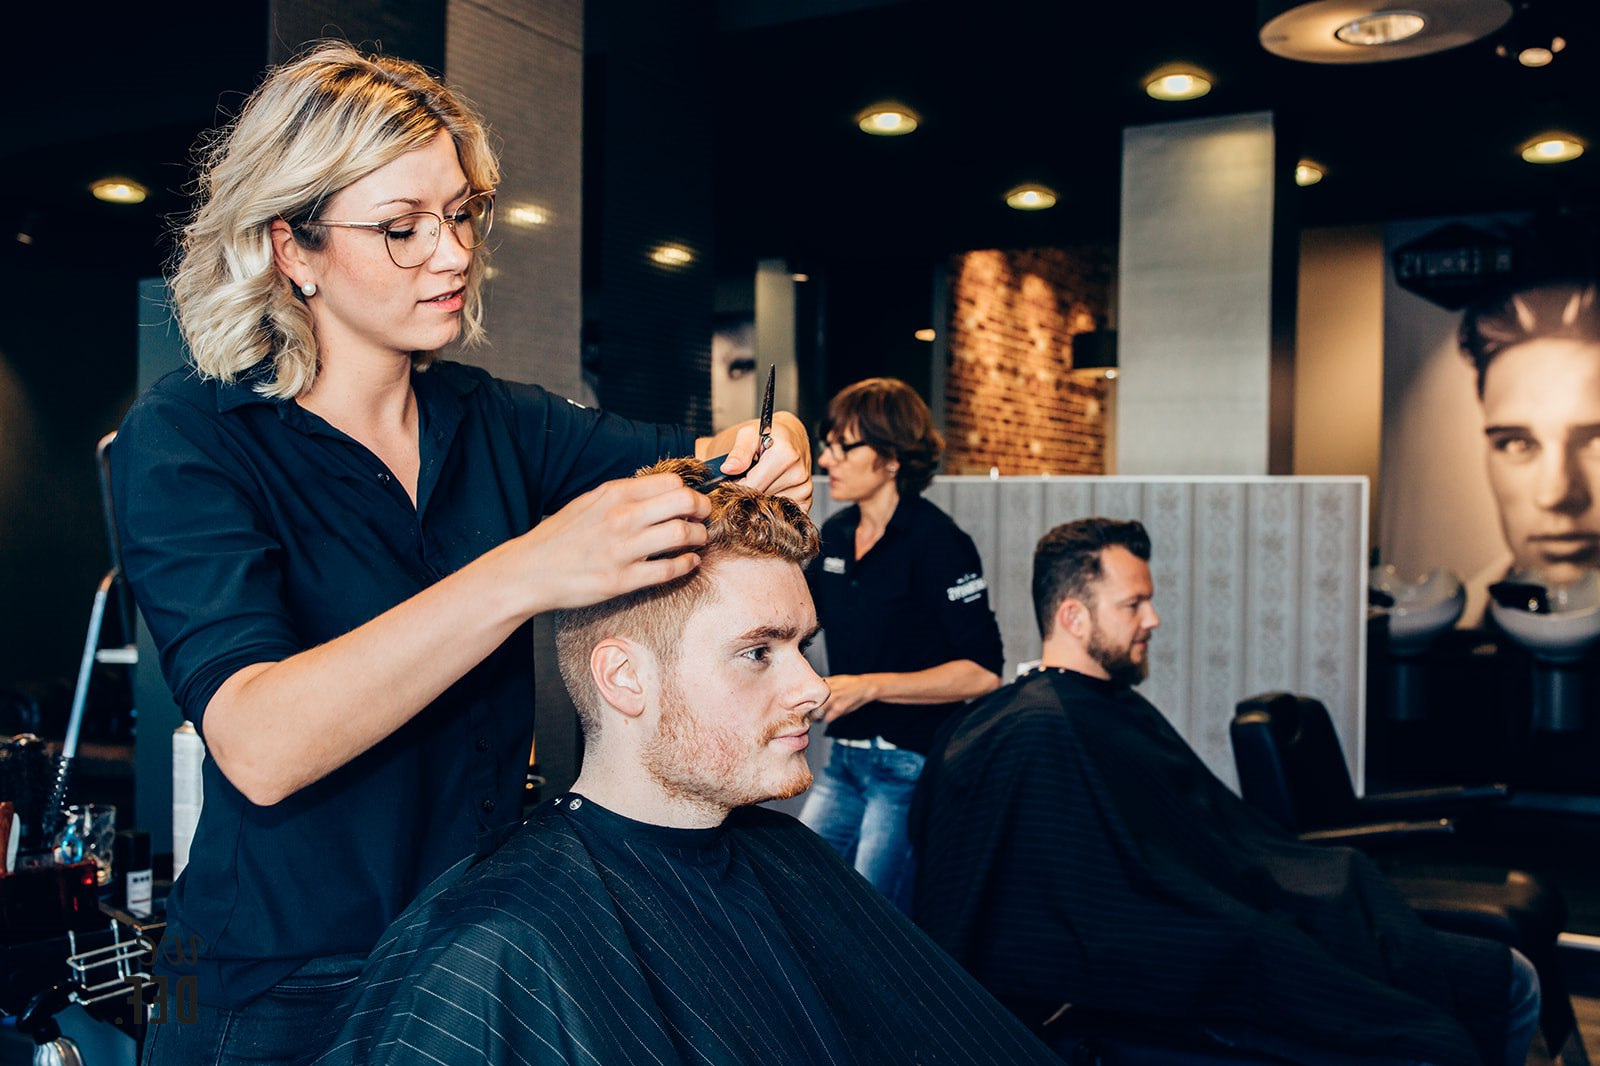 Werken bij HAERHUYS - Wij zoeken een nieuwe collega ter versterking van ons team in Heerlen.Voor onze mooie kapsalon in het centrum van Heerlen zoeken wij een Topstylist/Salonmanager. Je komt te werken in een team dat vol passie en professionaliteit werkt aan een maximale tevredenheid van onze klanten. De salon bestaat uit zowel een dames- als een herenafdeling en beschikt ook over een eigen barbershop.De vacature kan zowel fulltime als parttime worden ingevuld. Geïnteresseerde kandidaten met ervaring nodigen we uit te solliciteren middels het sturen van een CV naar info@haerhuys.nl ter attentie van Marion Bosch